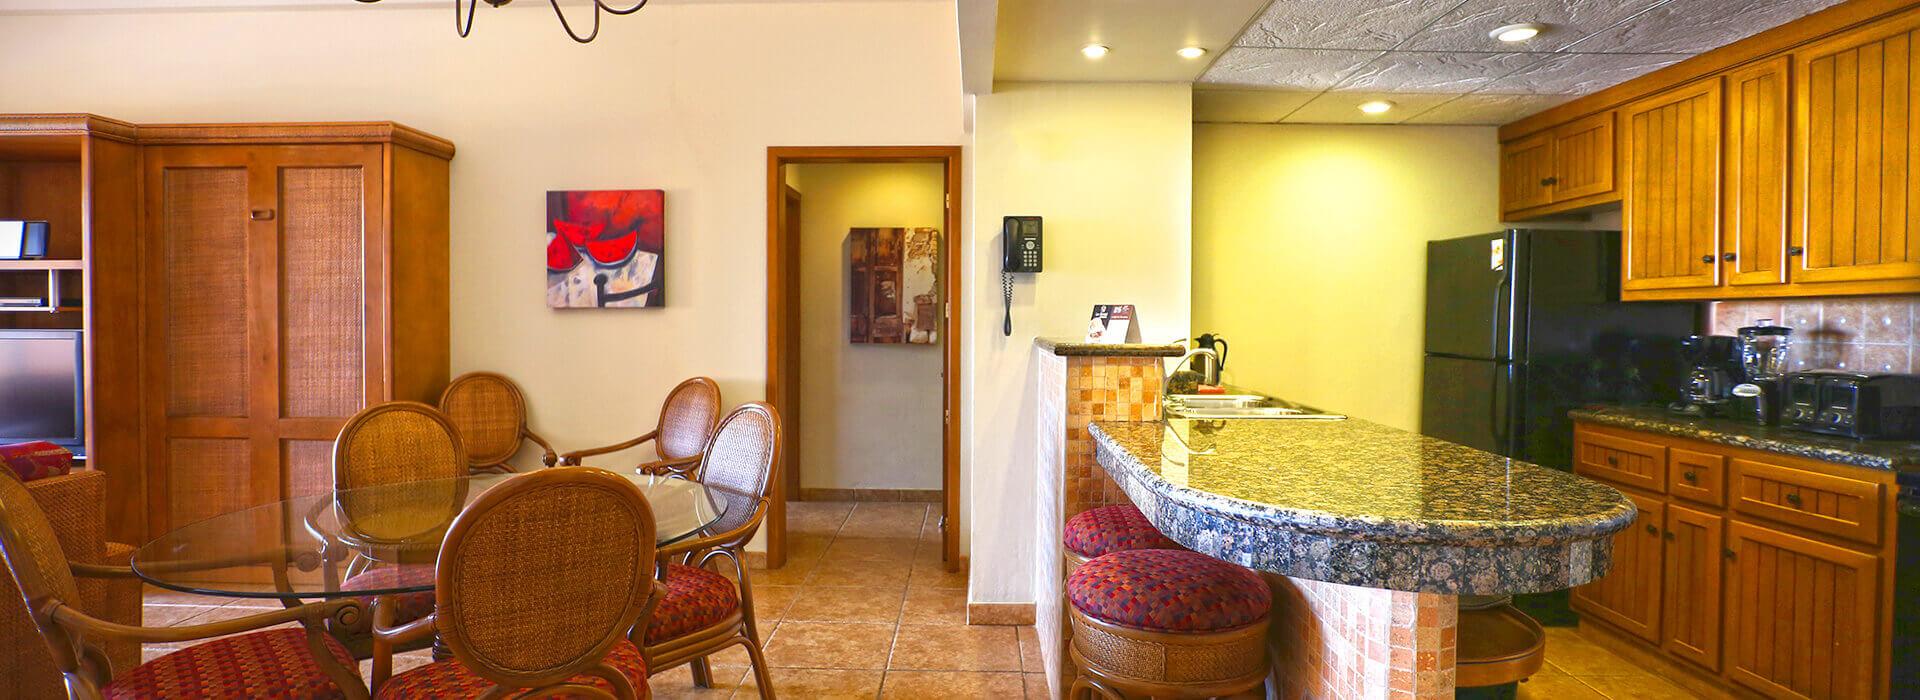 comedor y cocina en la suite